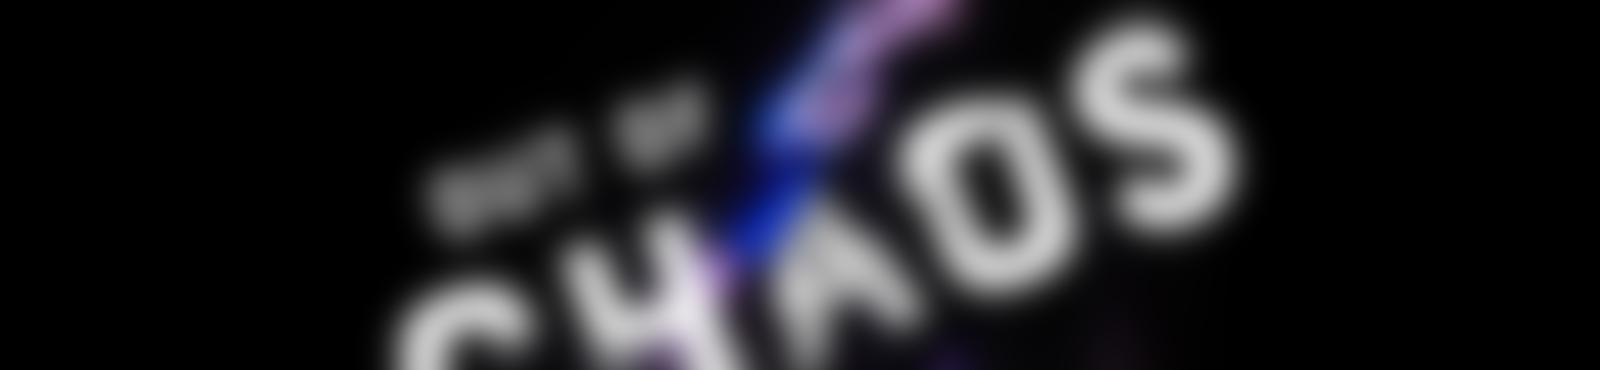 Blurred 8a247656 d5b2 4c1d 94c0 0a4292778b94